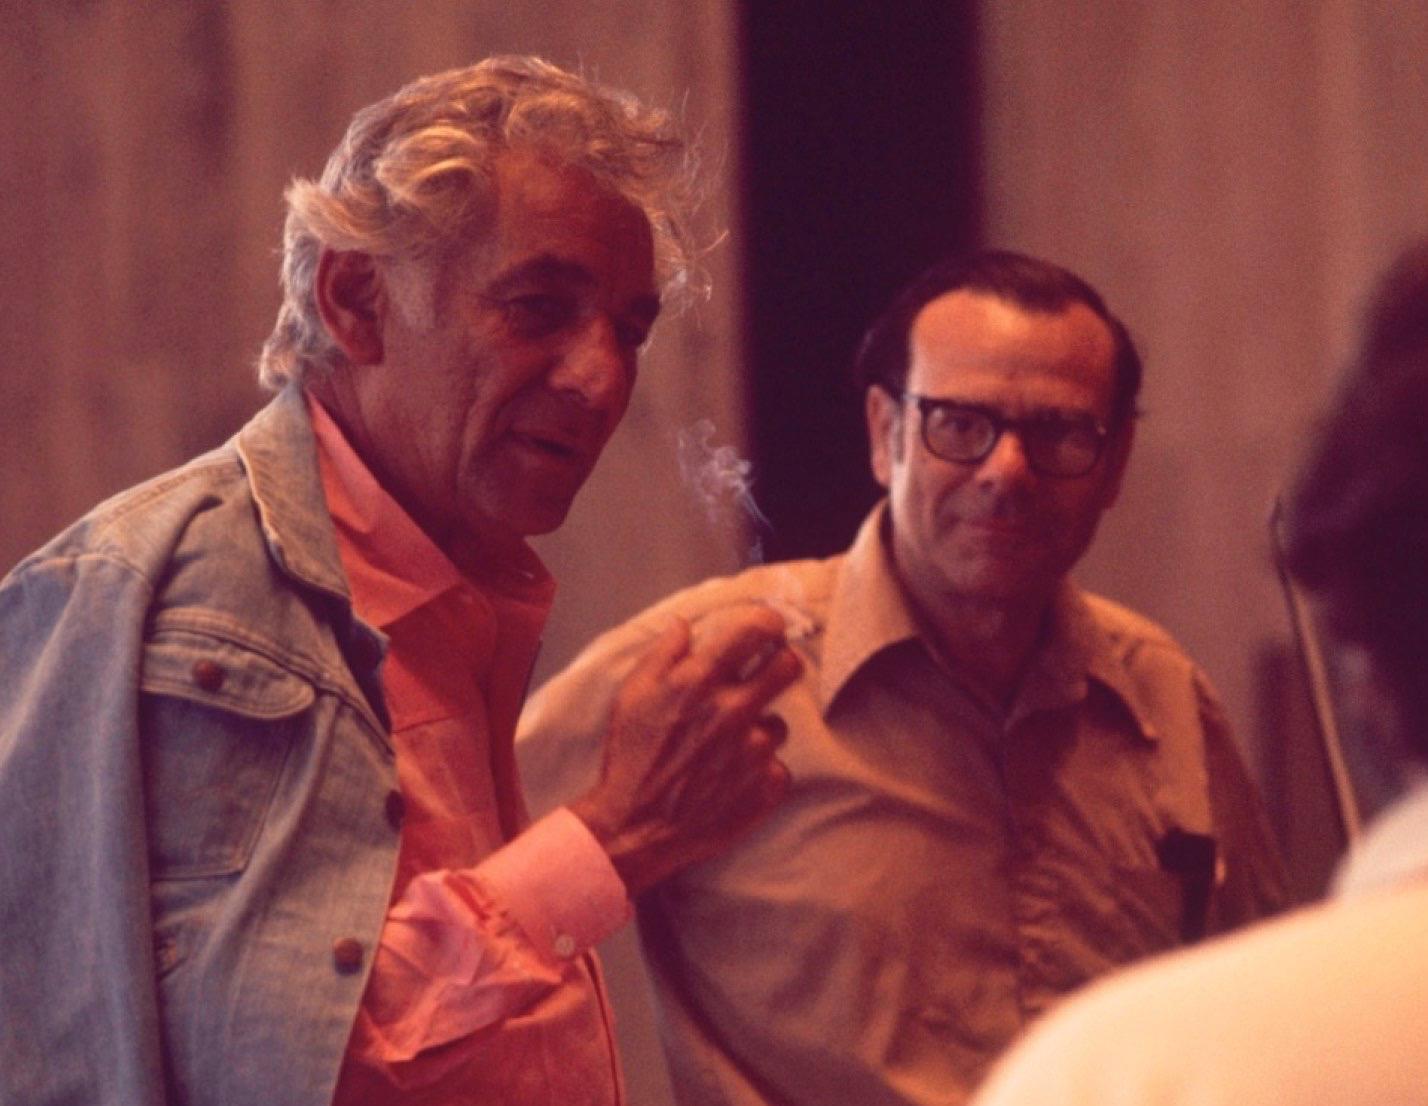 Philadelphia Orchestra violinist George Dreyfus with Leonard Bernstein in an updated photo.